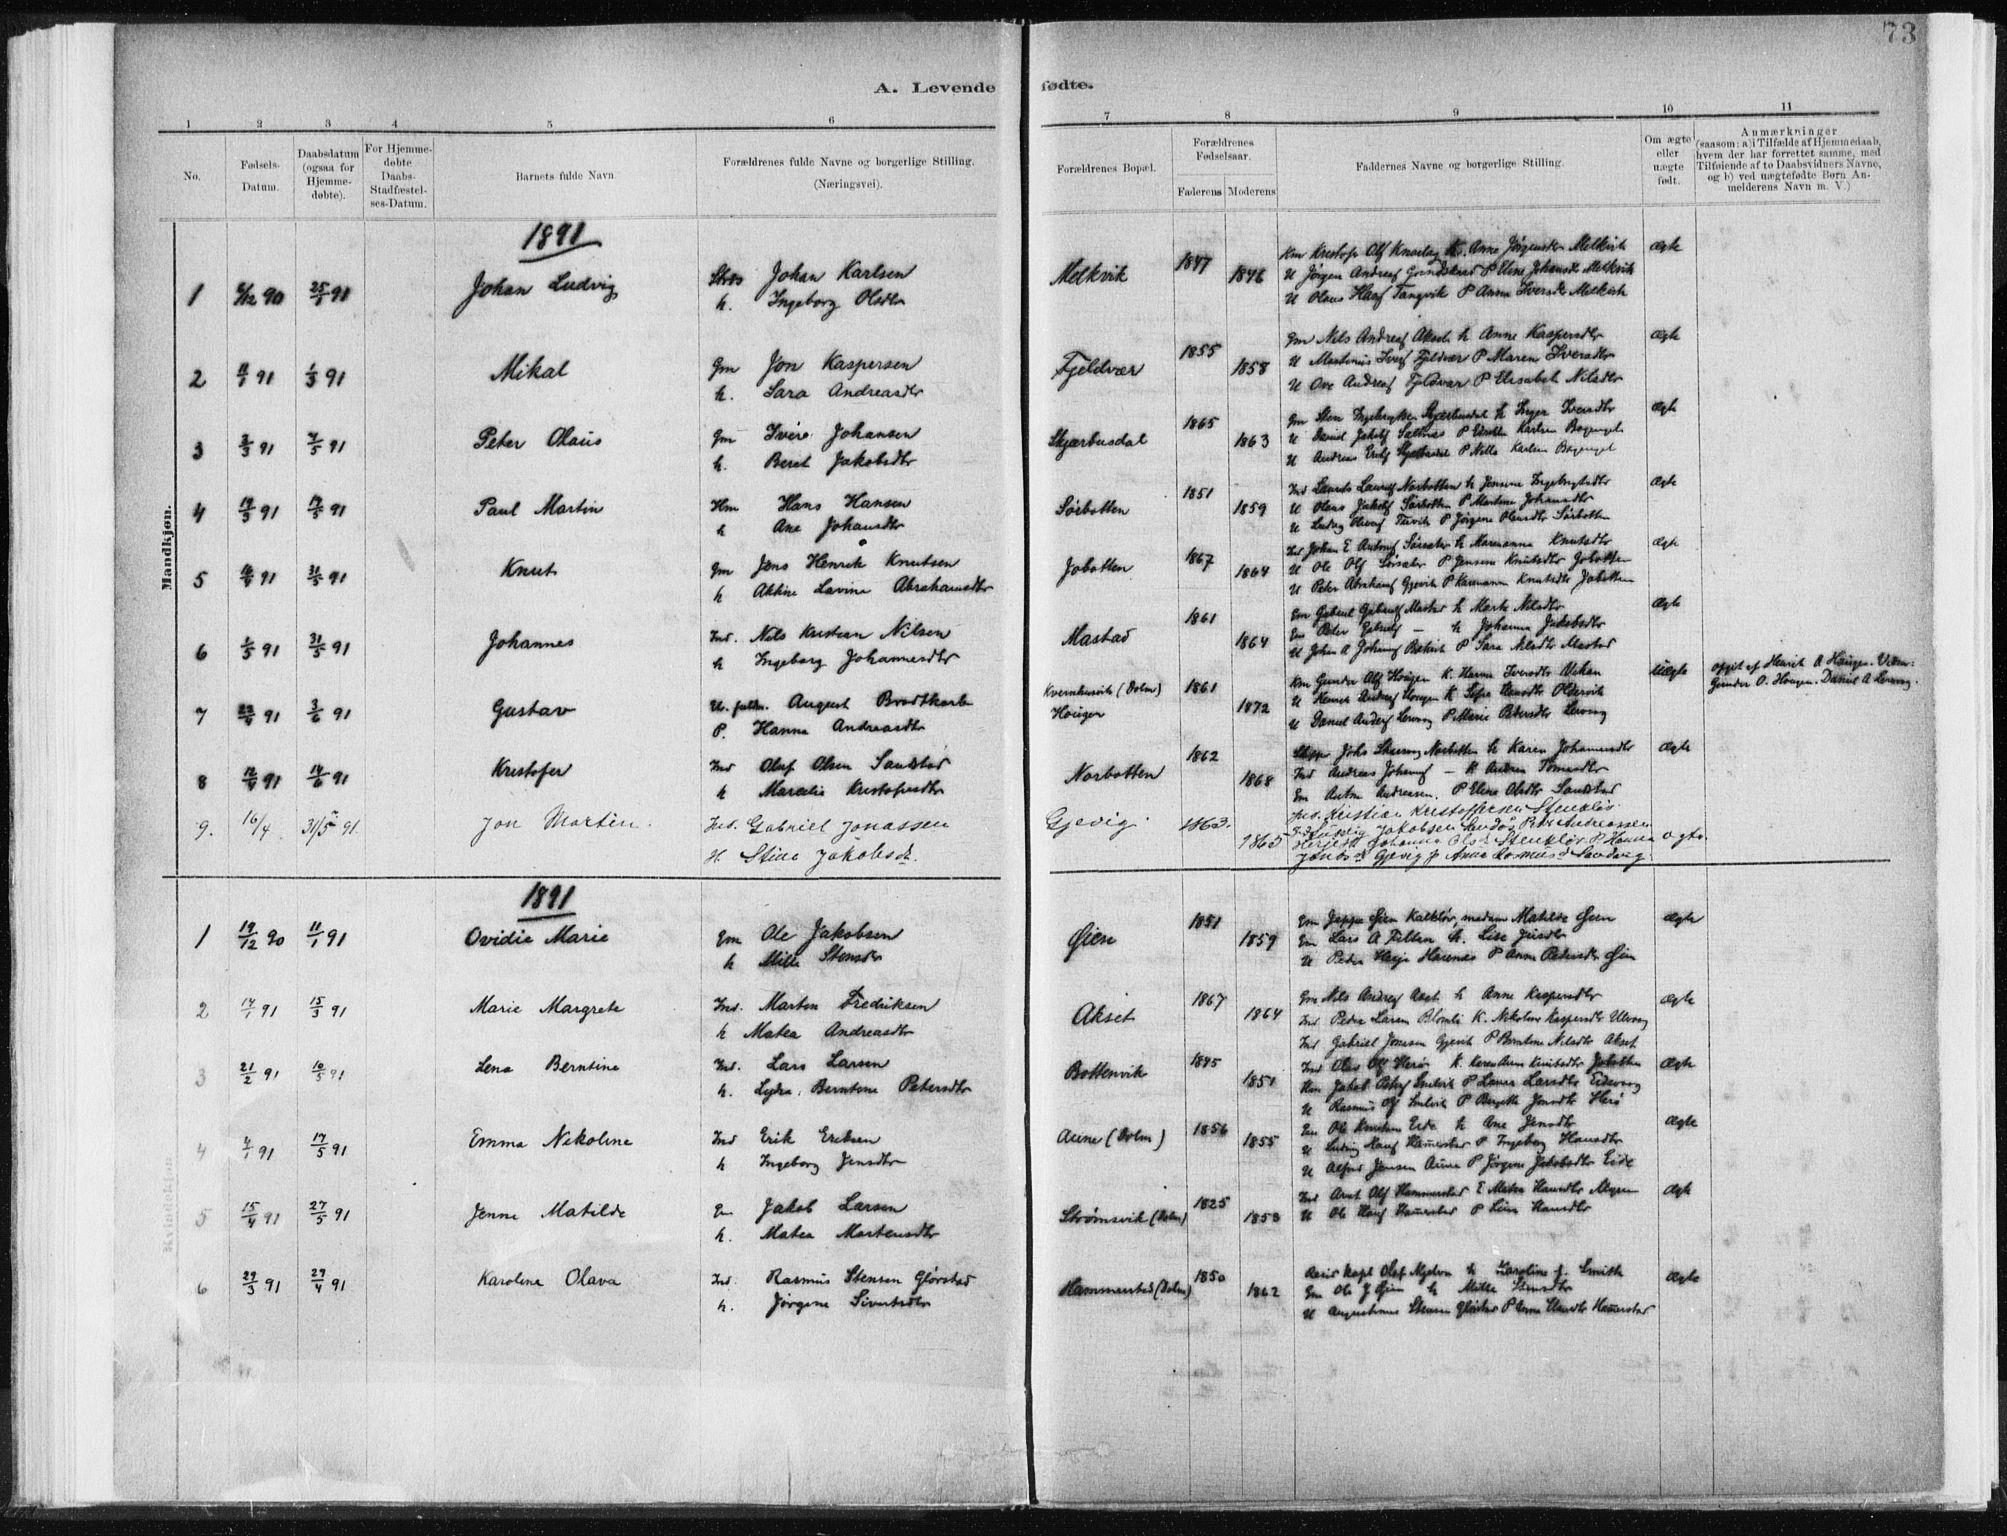 SAT, Ministerialprotokoller, klokkerbøker og fødselsregistre - Sør-Trøndelag, 637/L0558: Ministerialbok nr. 637A01, 1882-1899, s. 73